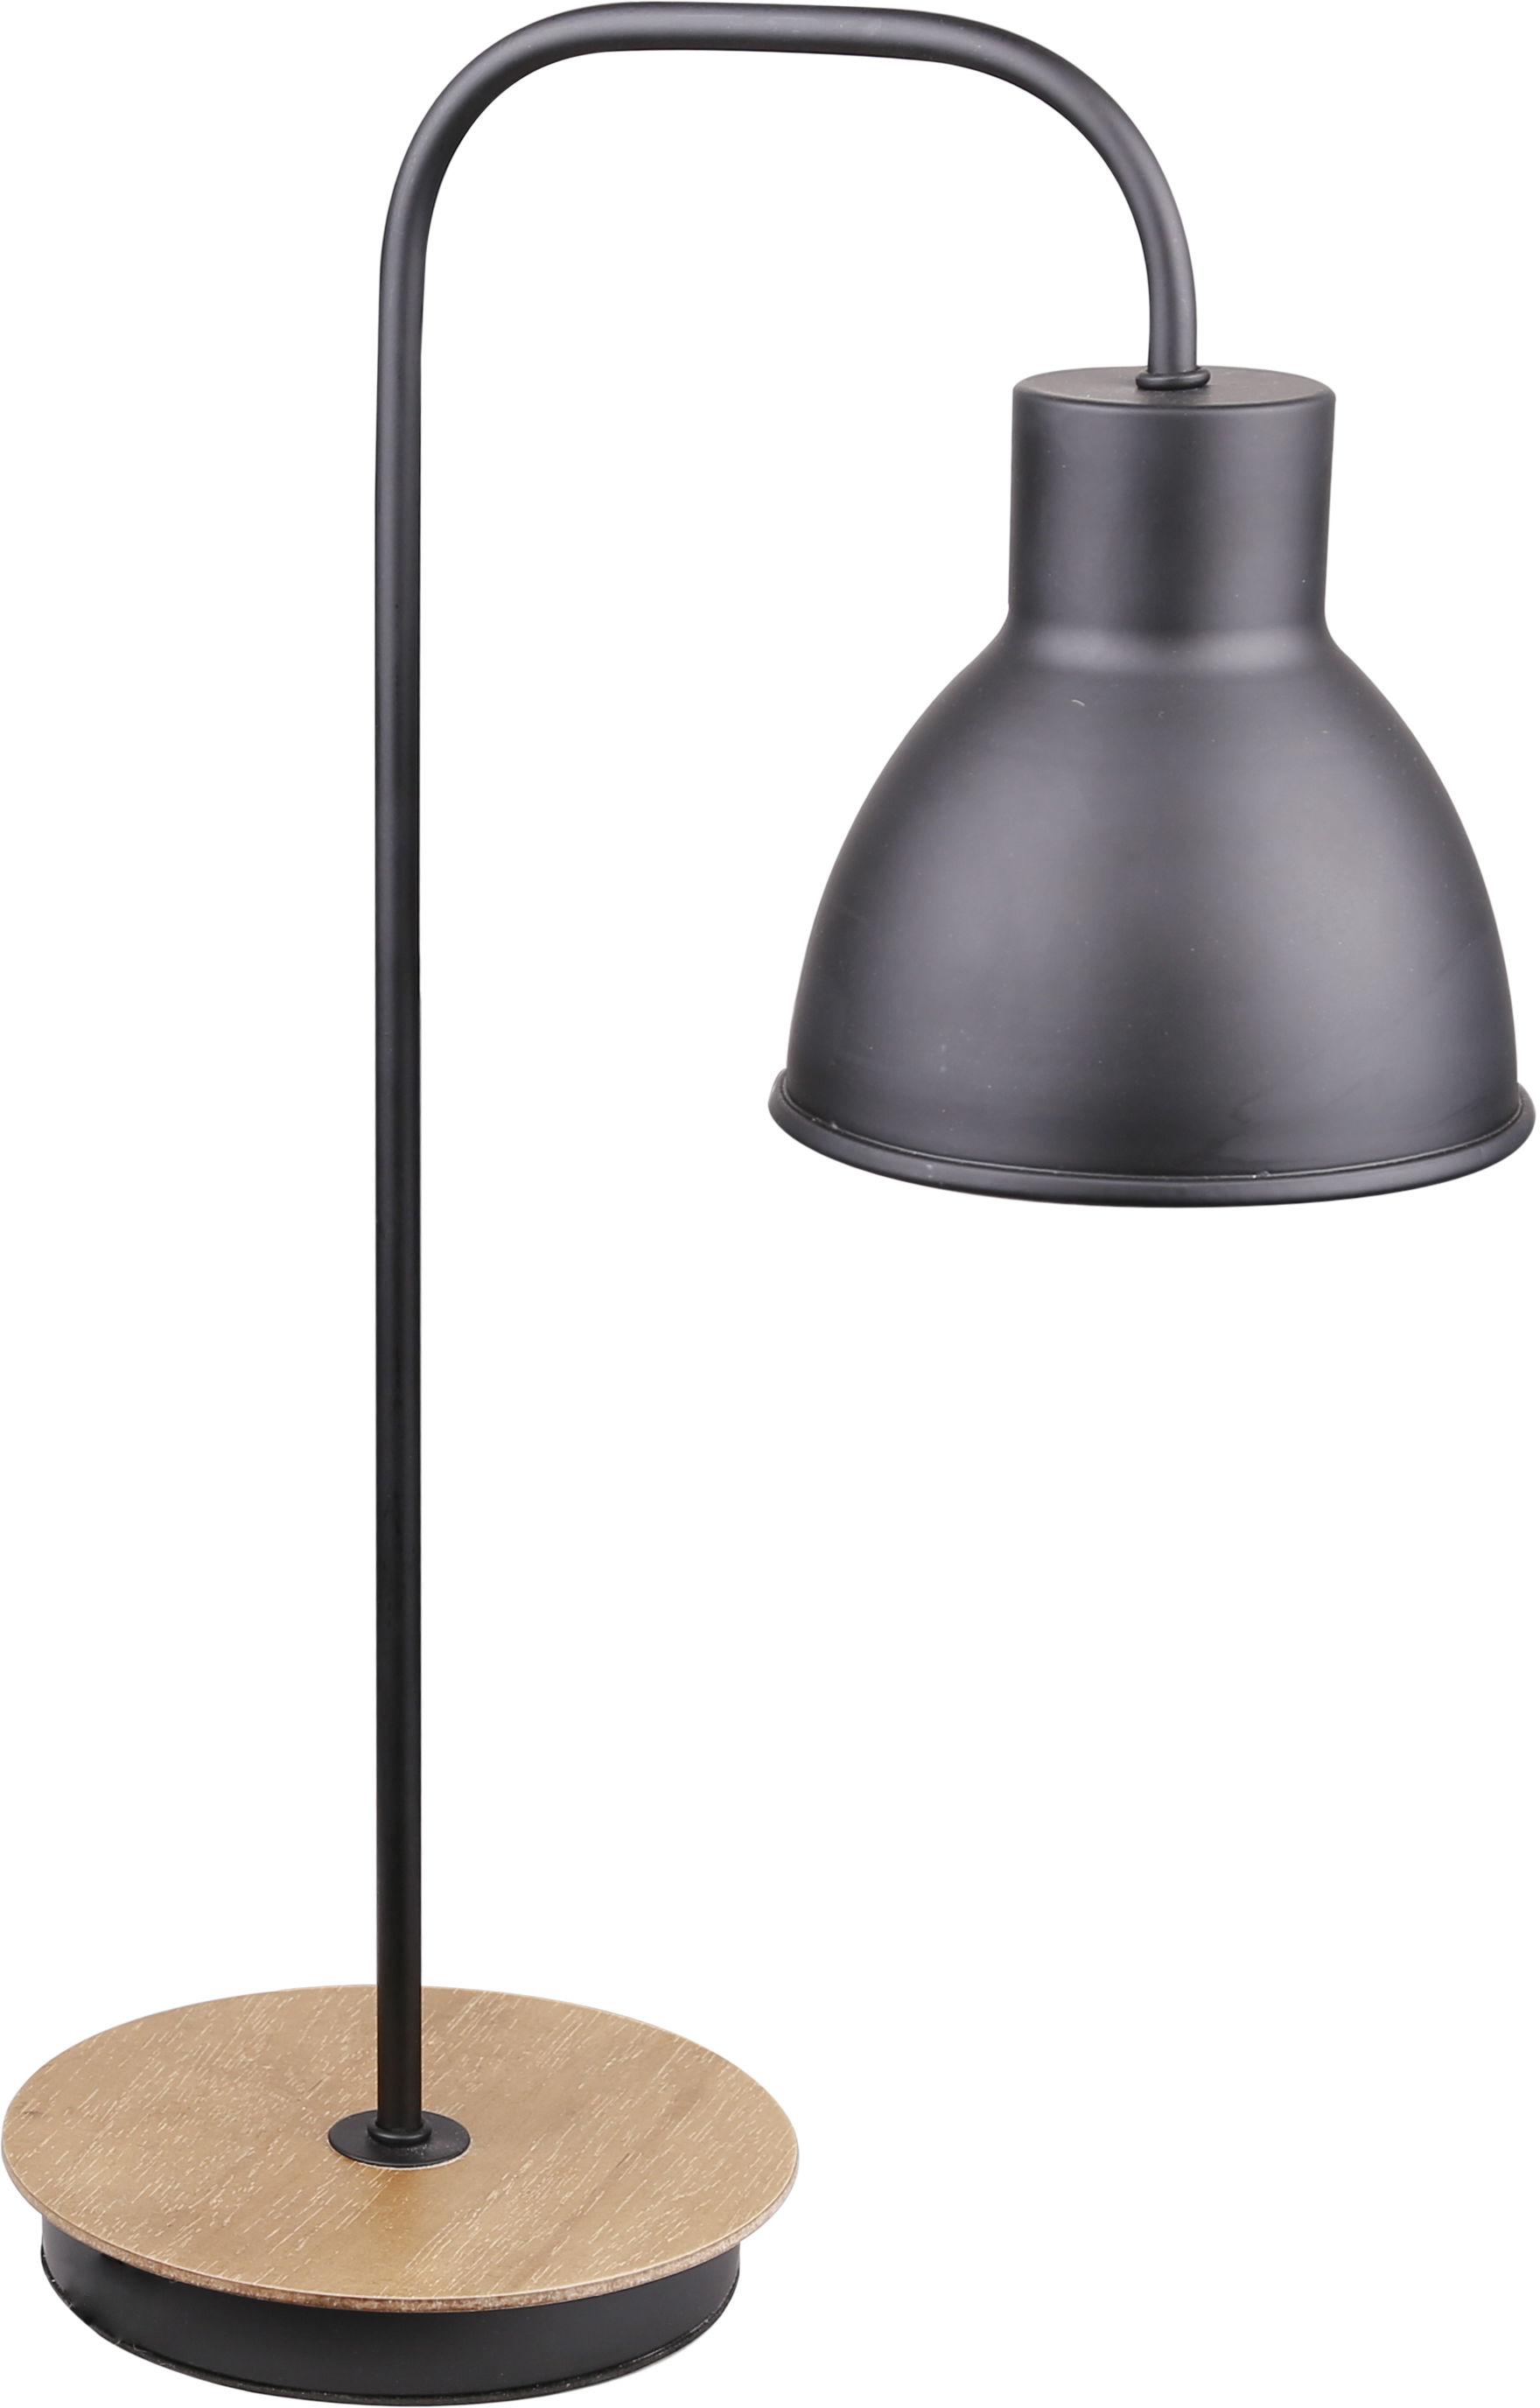 Candellux VARIO 41-73488 lampa stołowa czarny metalowy klosz wbudowany wyłącznik 1X60W E27 16 cm